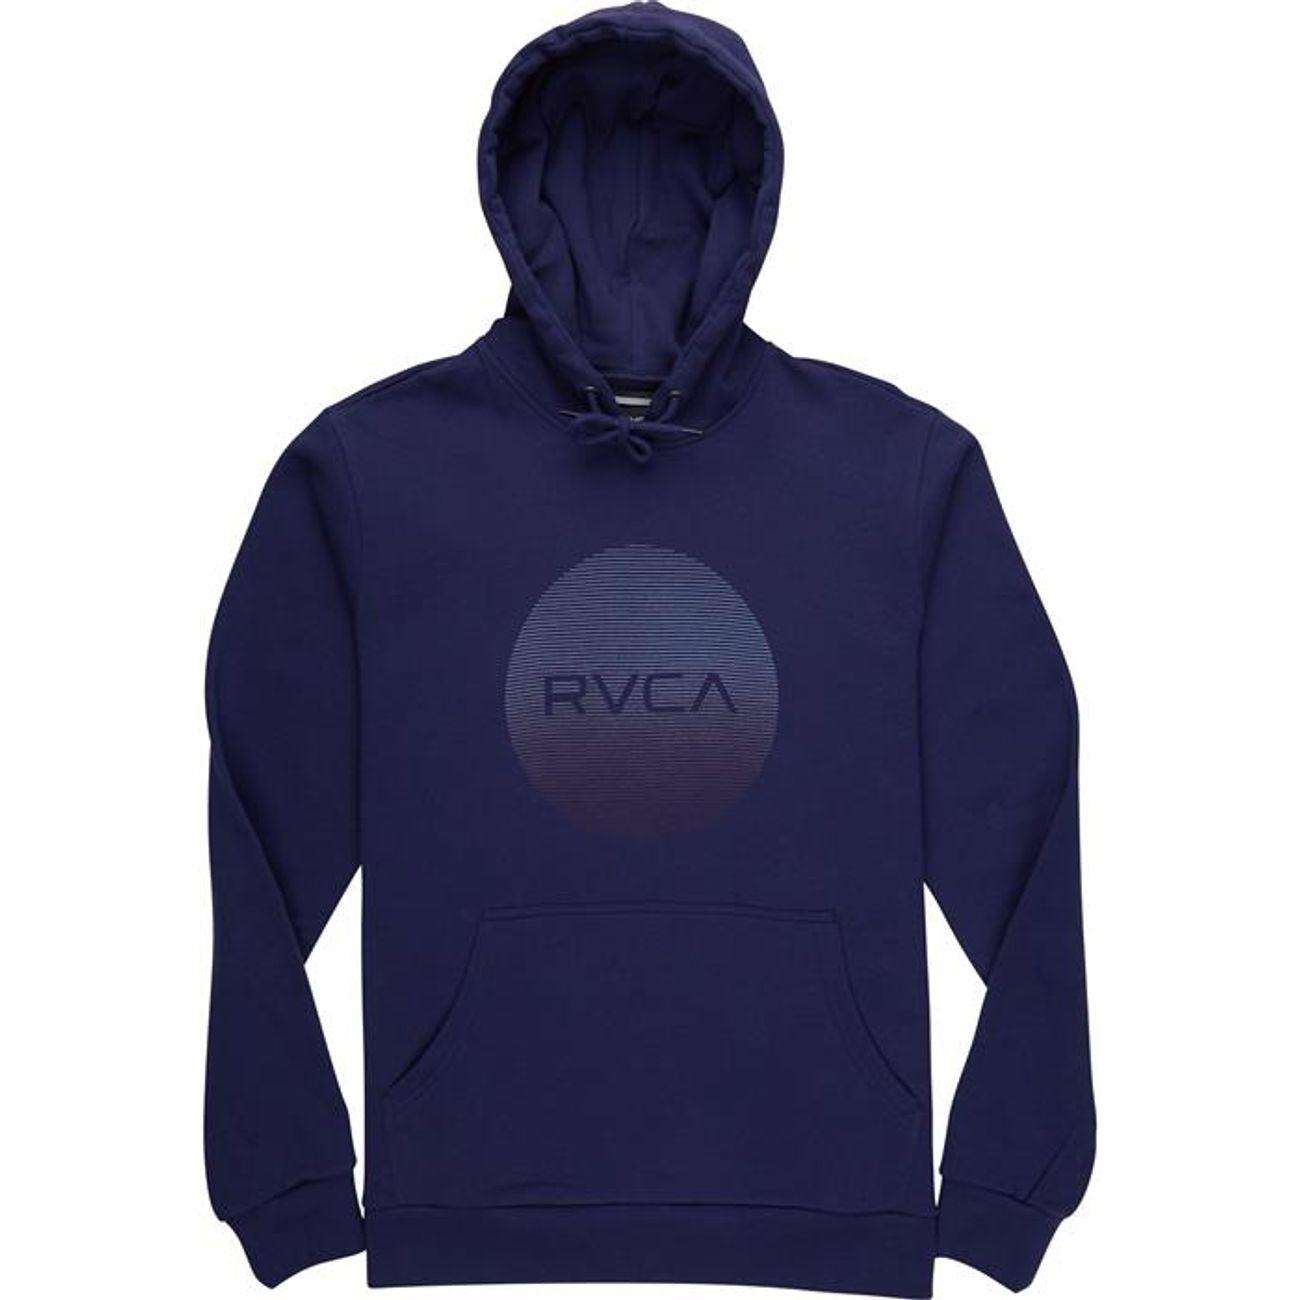 Rvca Motors Multisport Depths Blue L Hoody dBEQrWCxoe